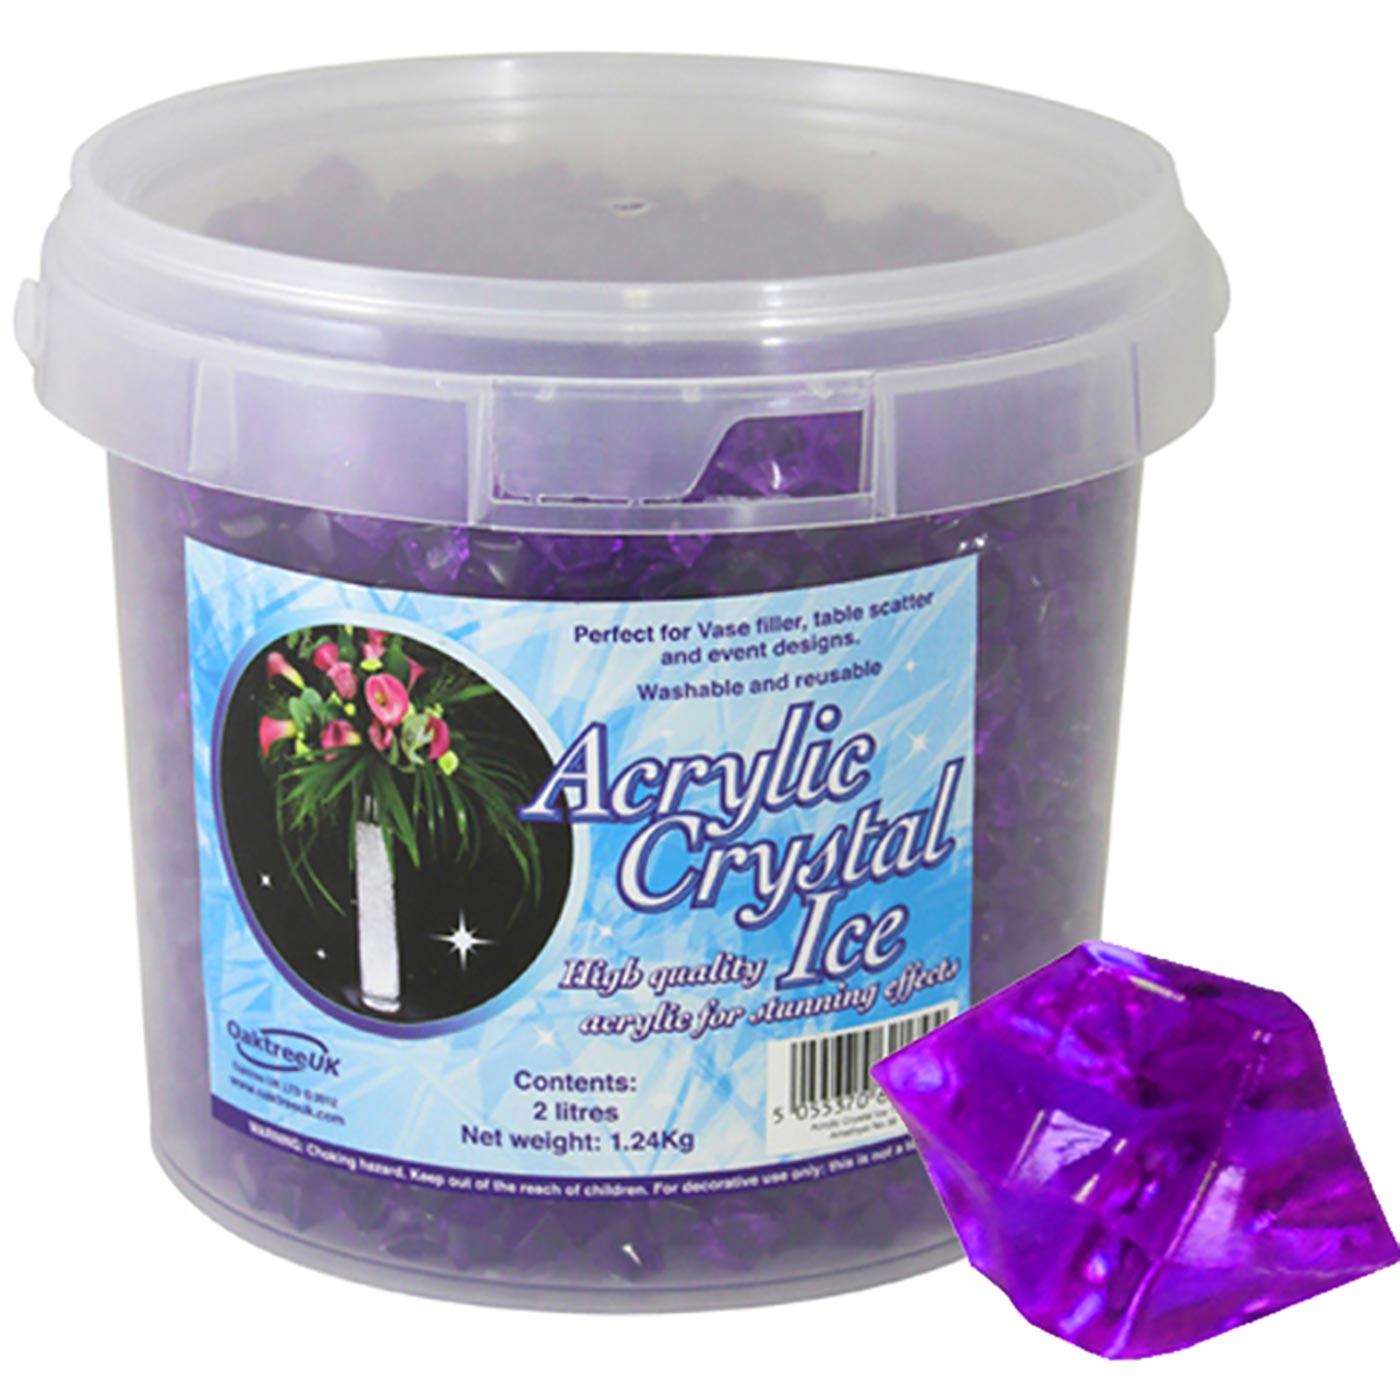 Acrylic Crystal Ice 1.4cm 2ltr 1.24Kg Amethyst